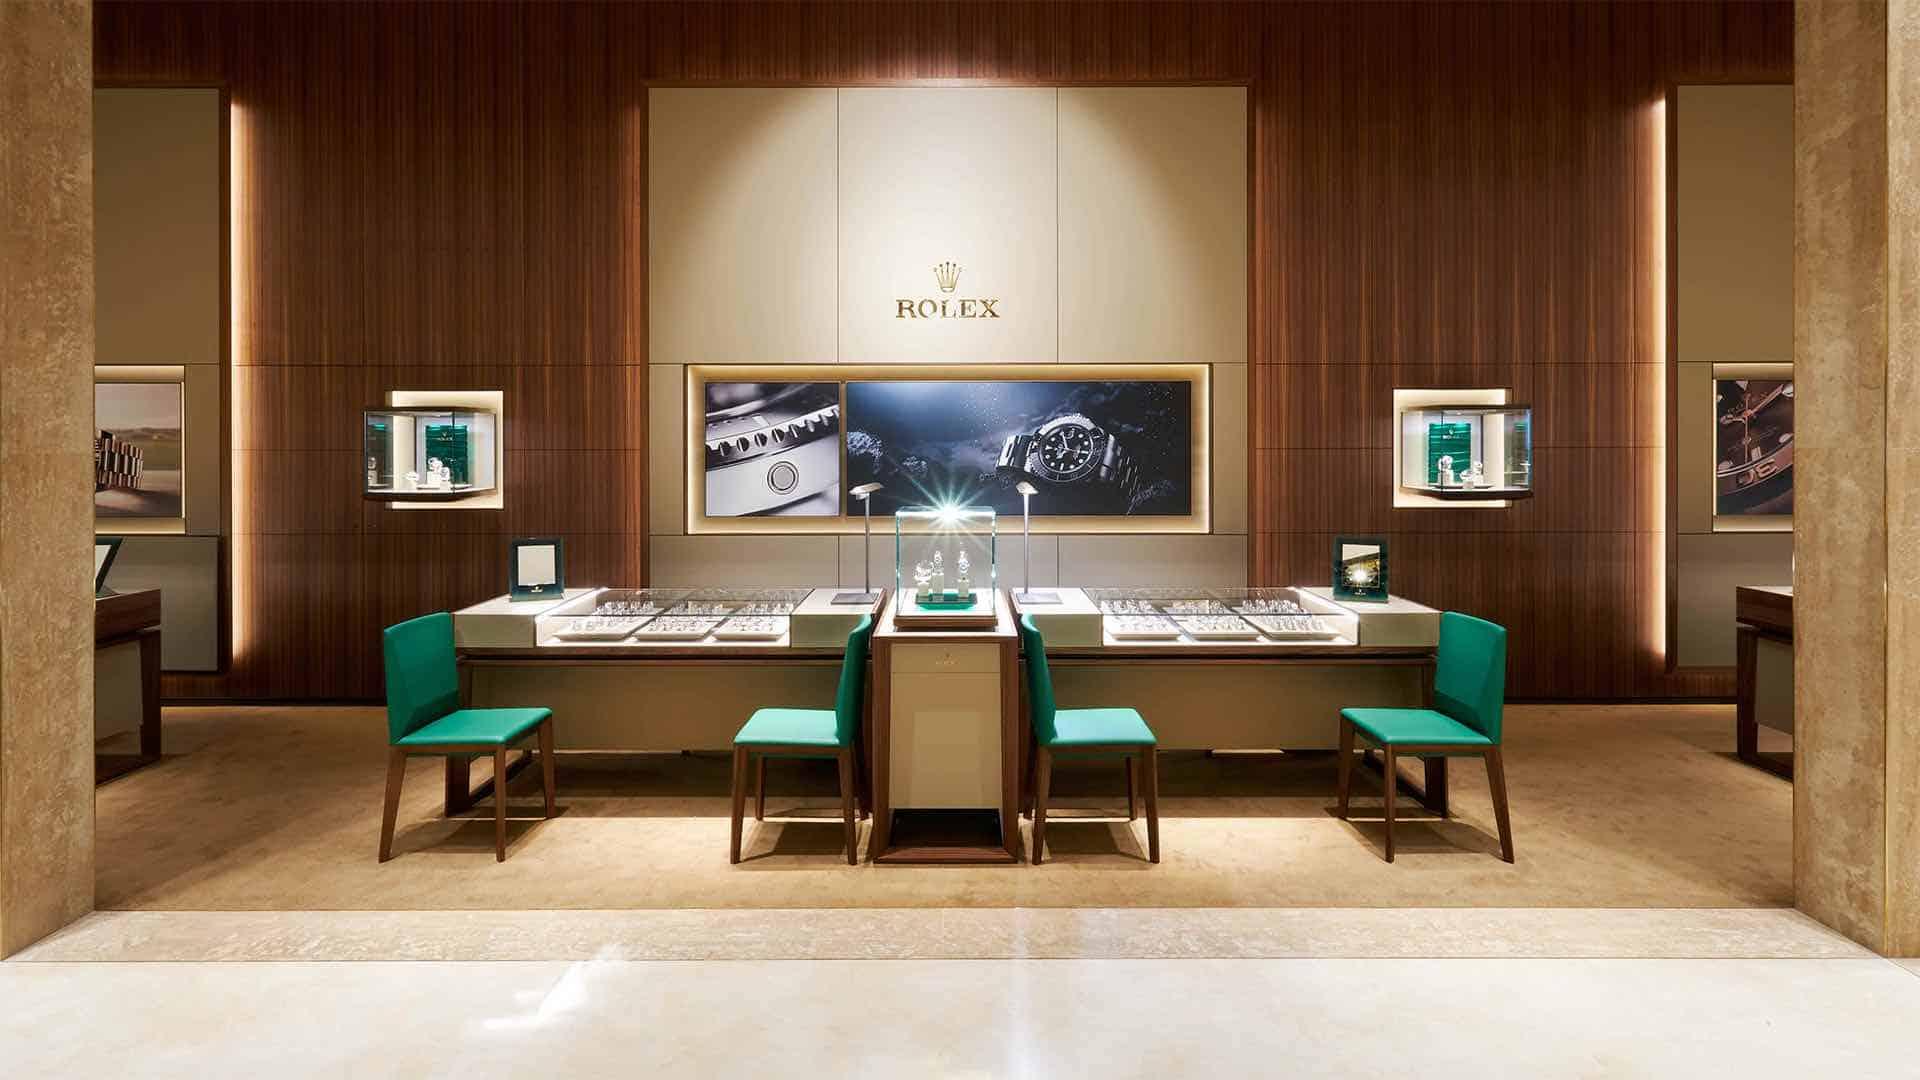 Entra a la tienda del relojero suizo más grande del mundo